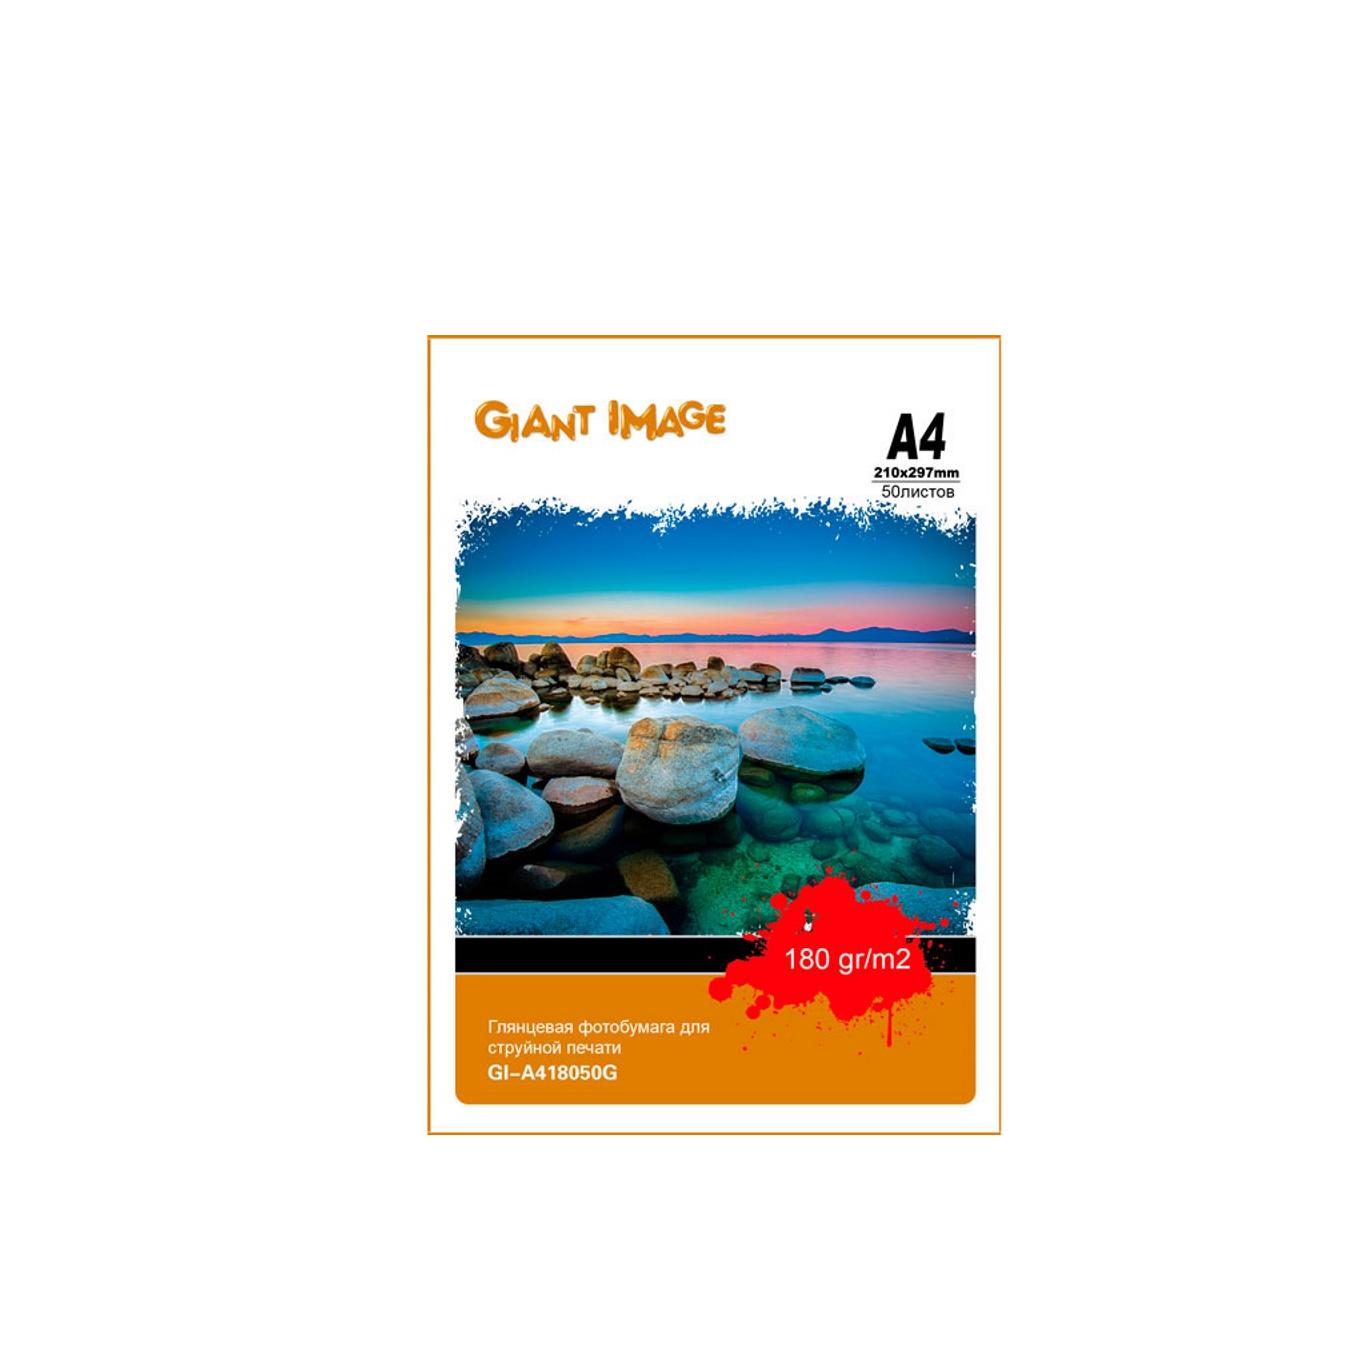 Бумага GI-A418050G, плотность 180 г/м2 GI-A418050G